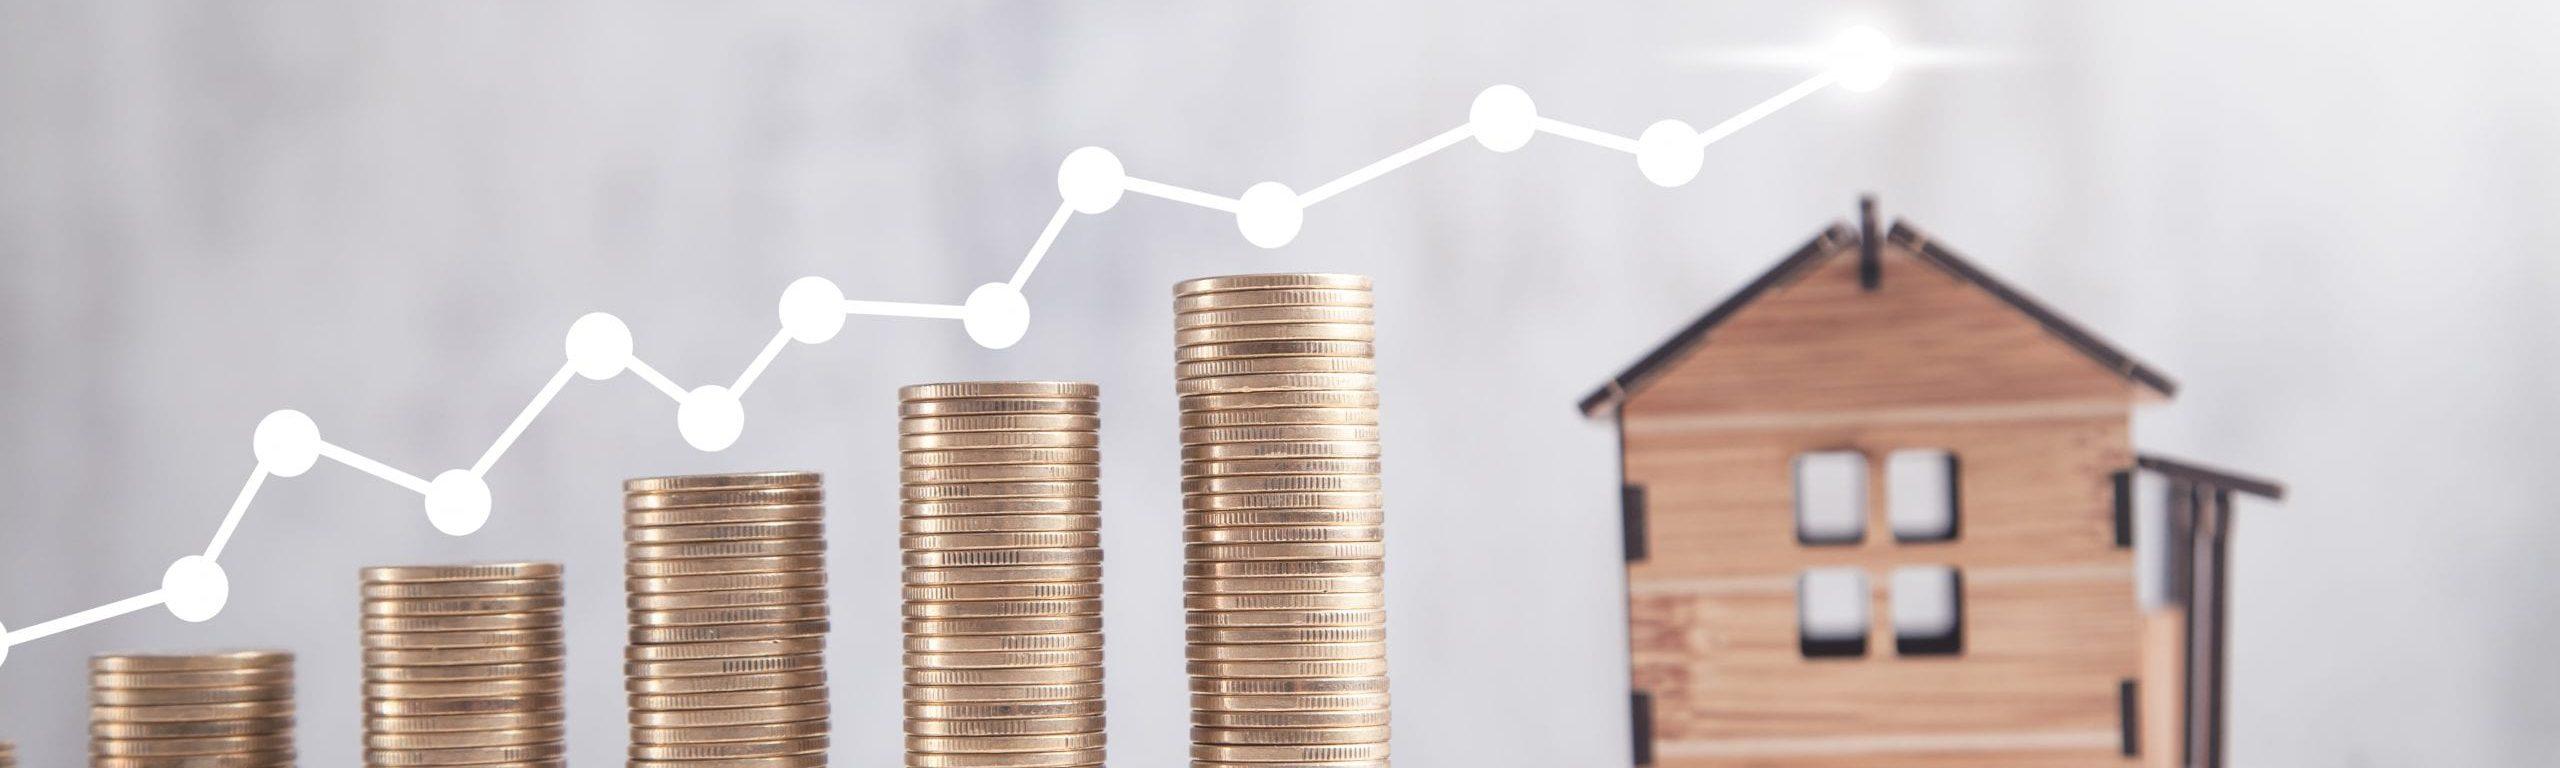 Gestapelte Münzen neben einem Hausmodell, die auf steigende Preise hindeuten